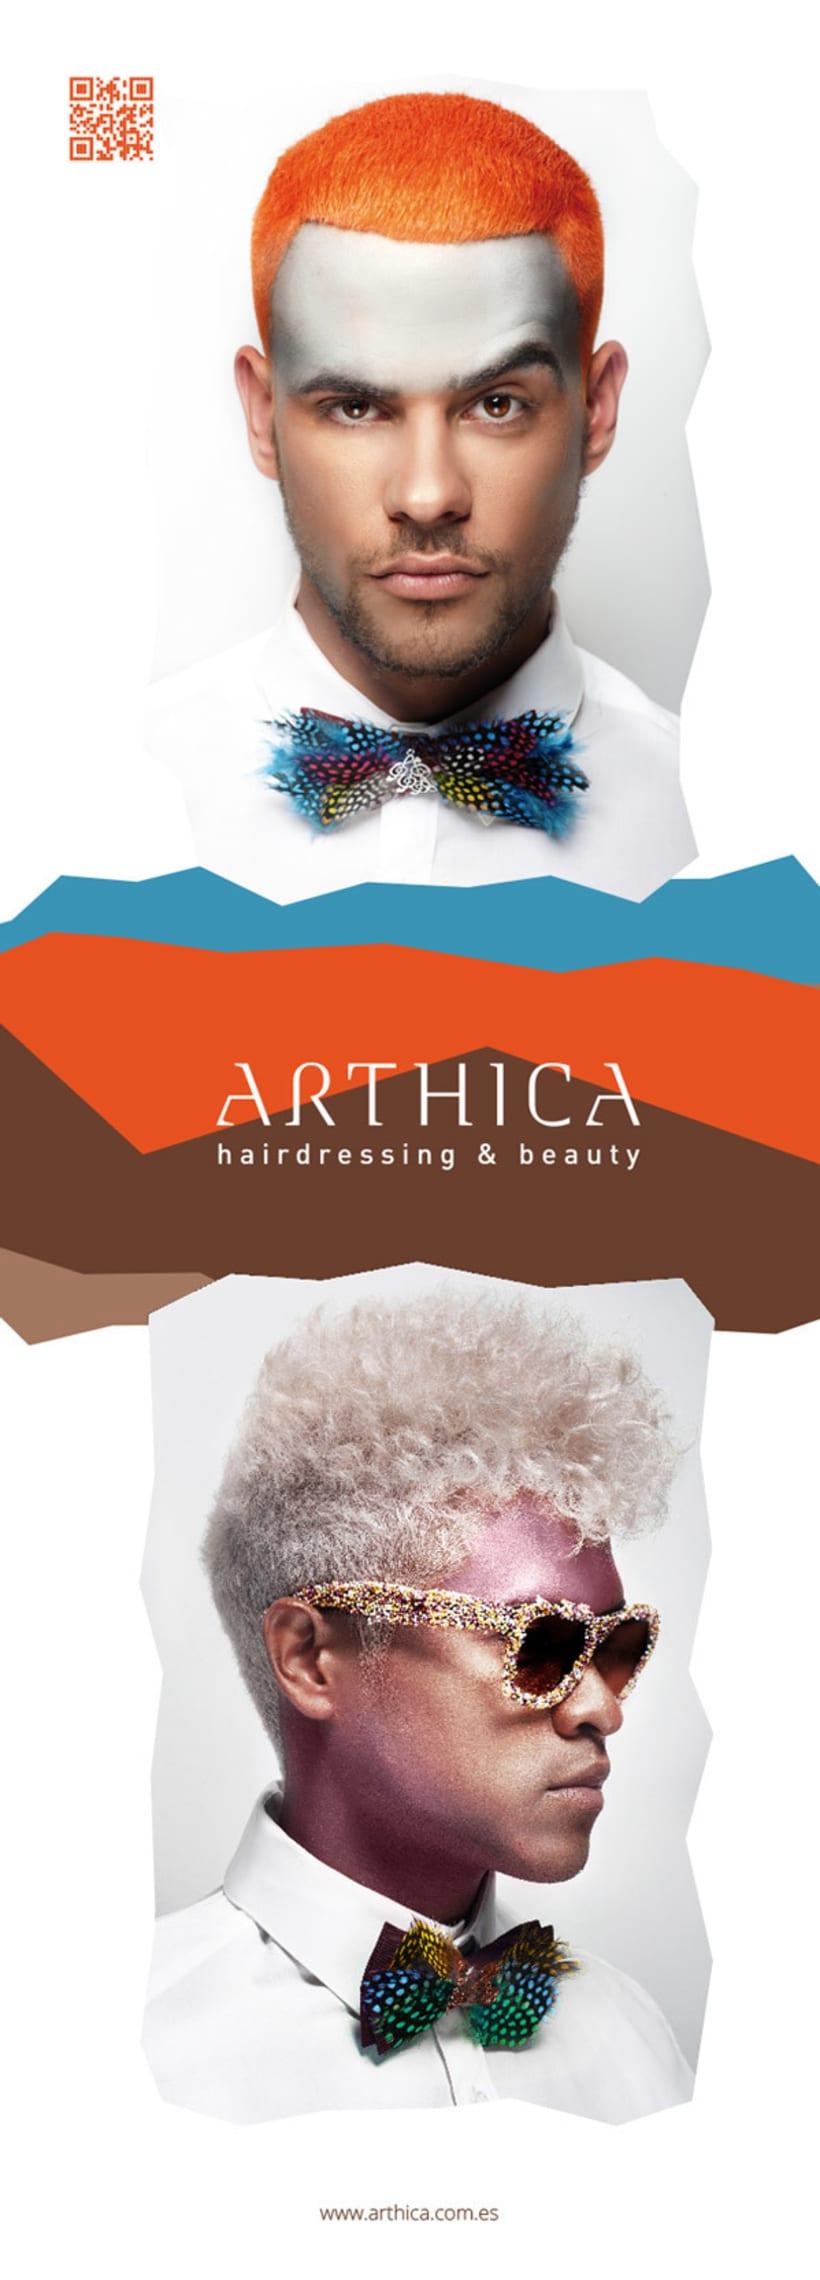 Arthica Hairdressing. Anuncios y cartelería. 2